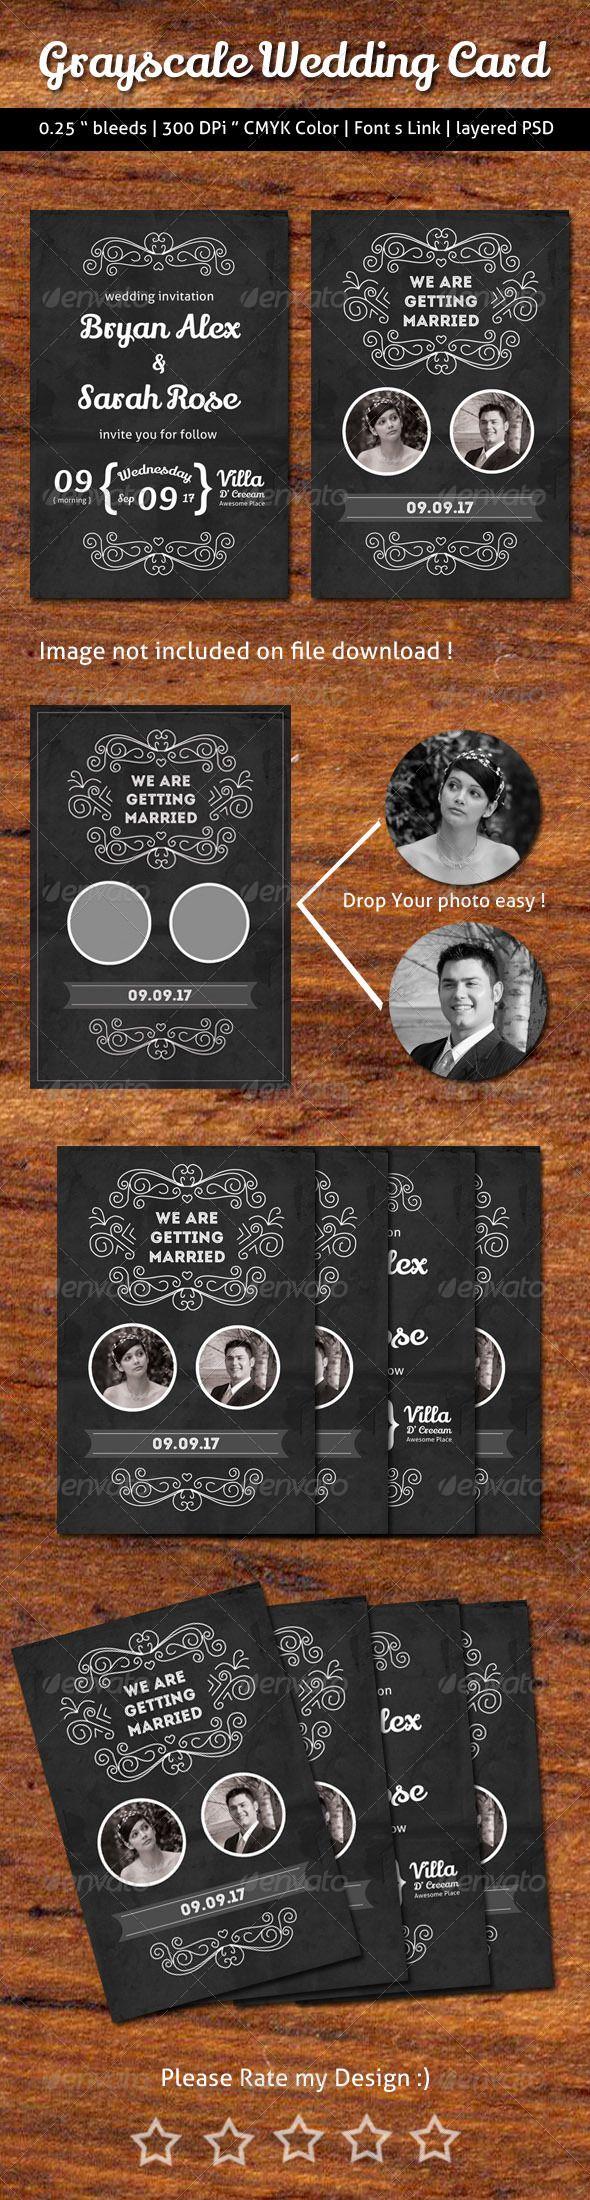 Grayscale Wedding Card